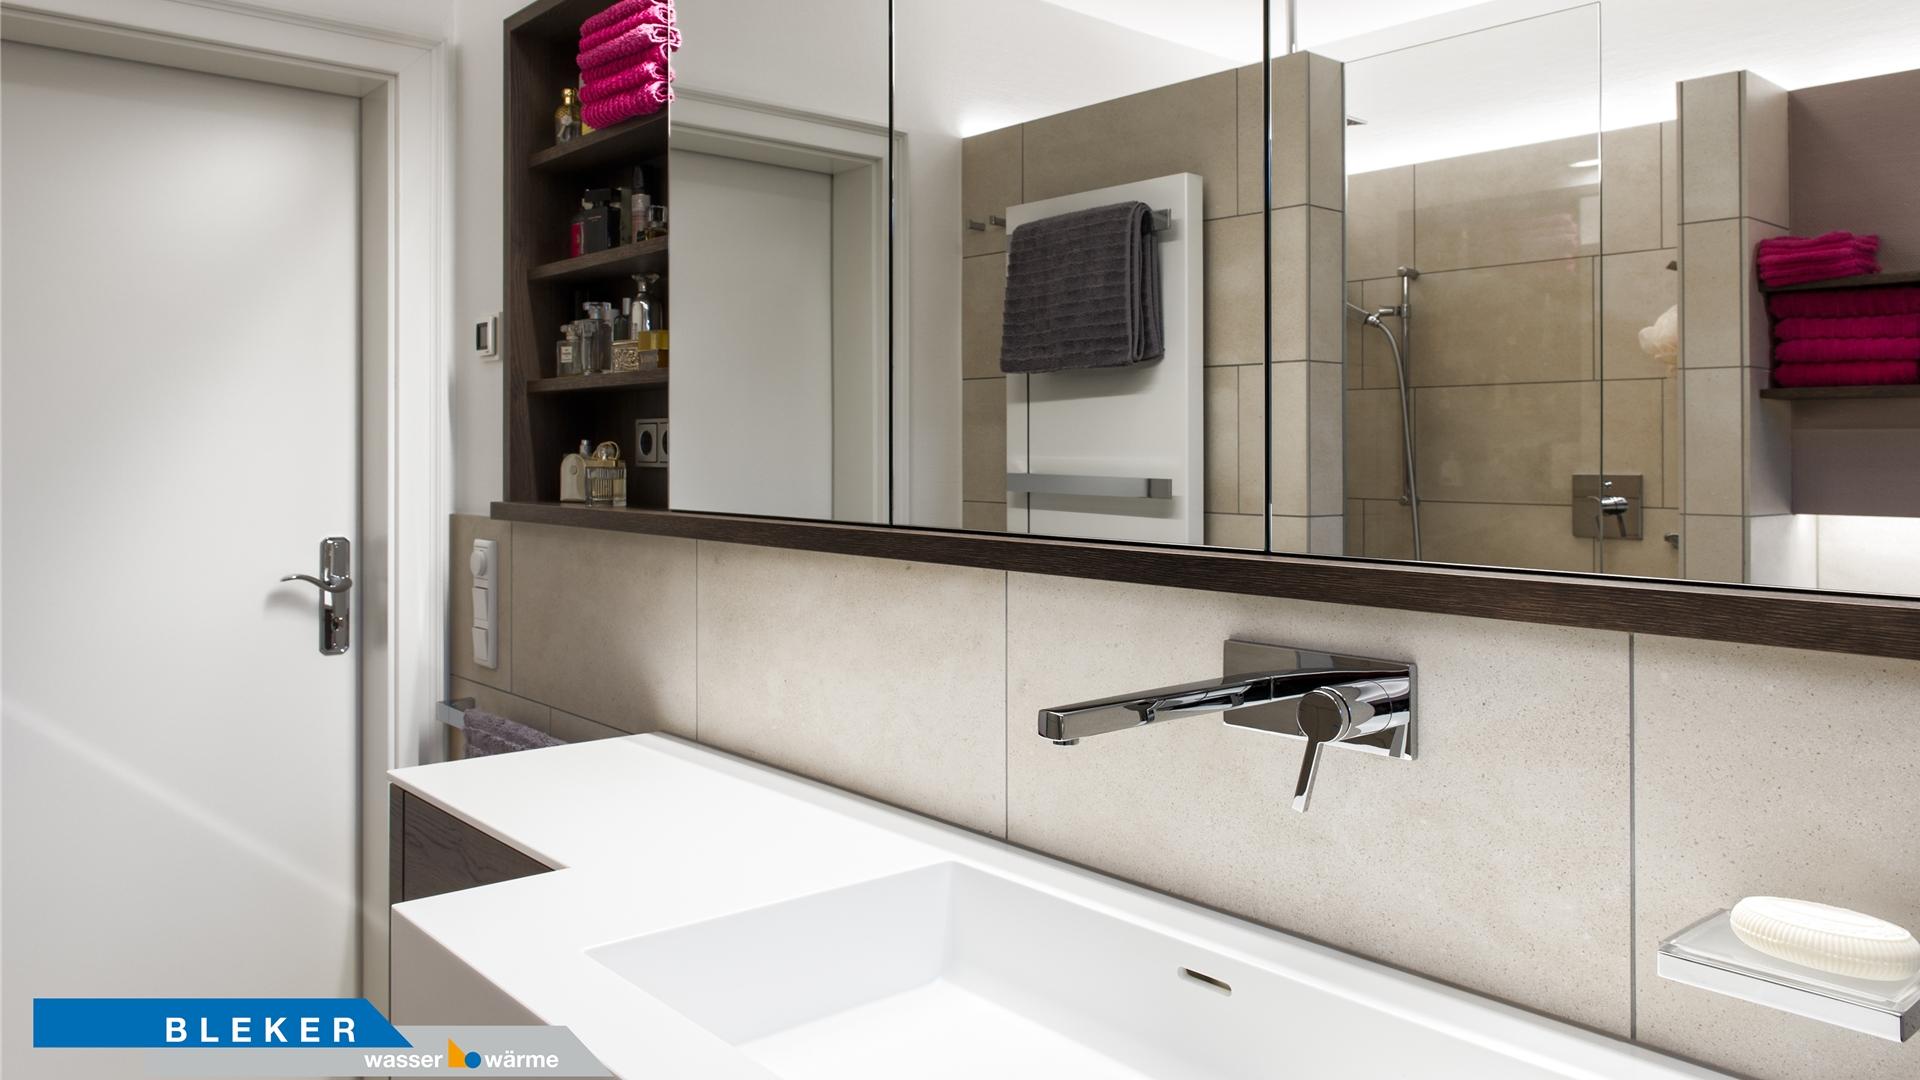 Großer weißer Waschtisch mit Spiegelschrank in schwarzbraun